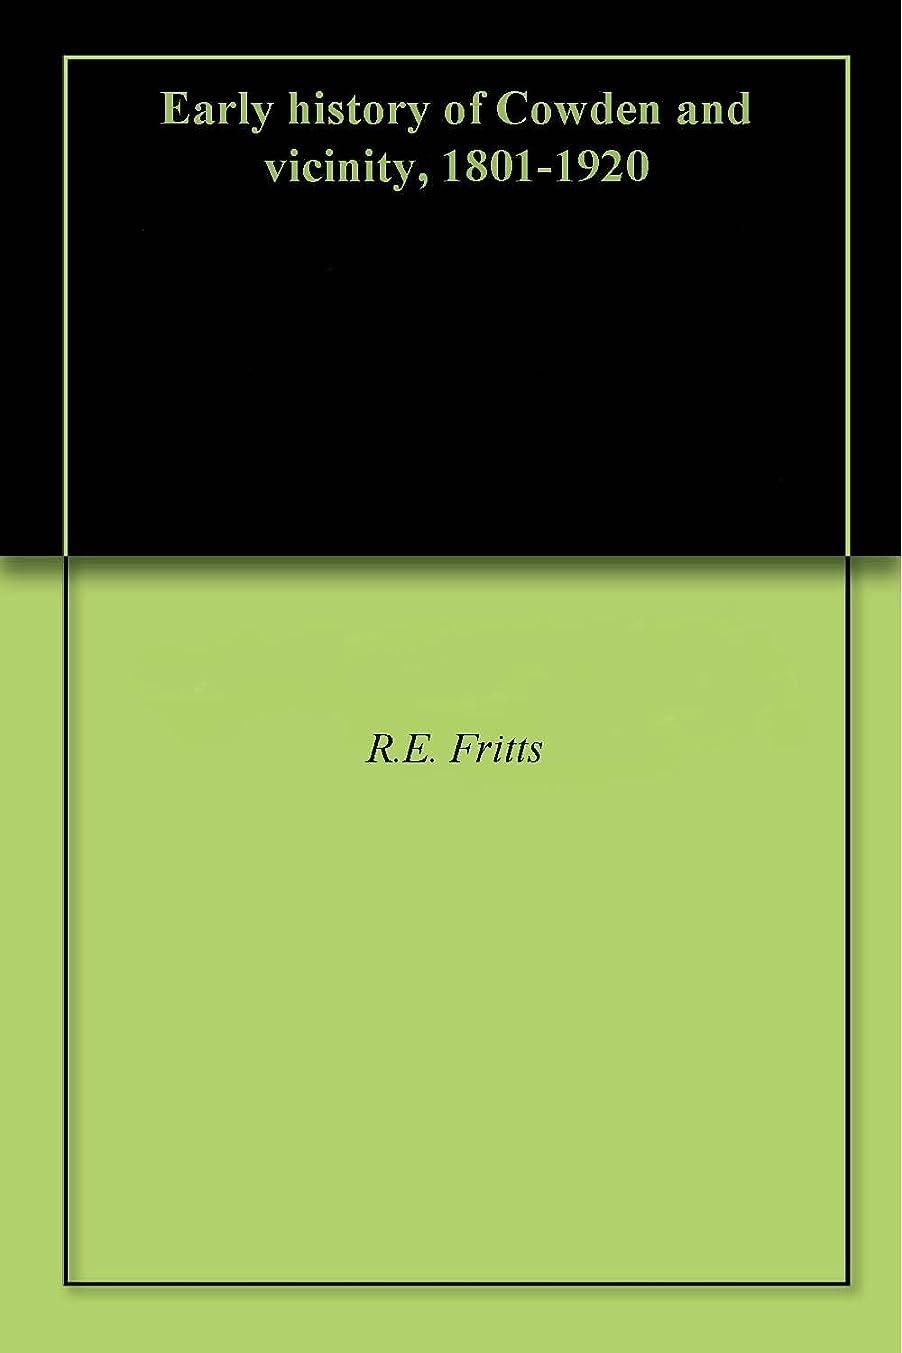 腹お風呂バンEarly history of Cowden and vicinity, 1801-1920 (English Edition)